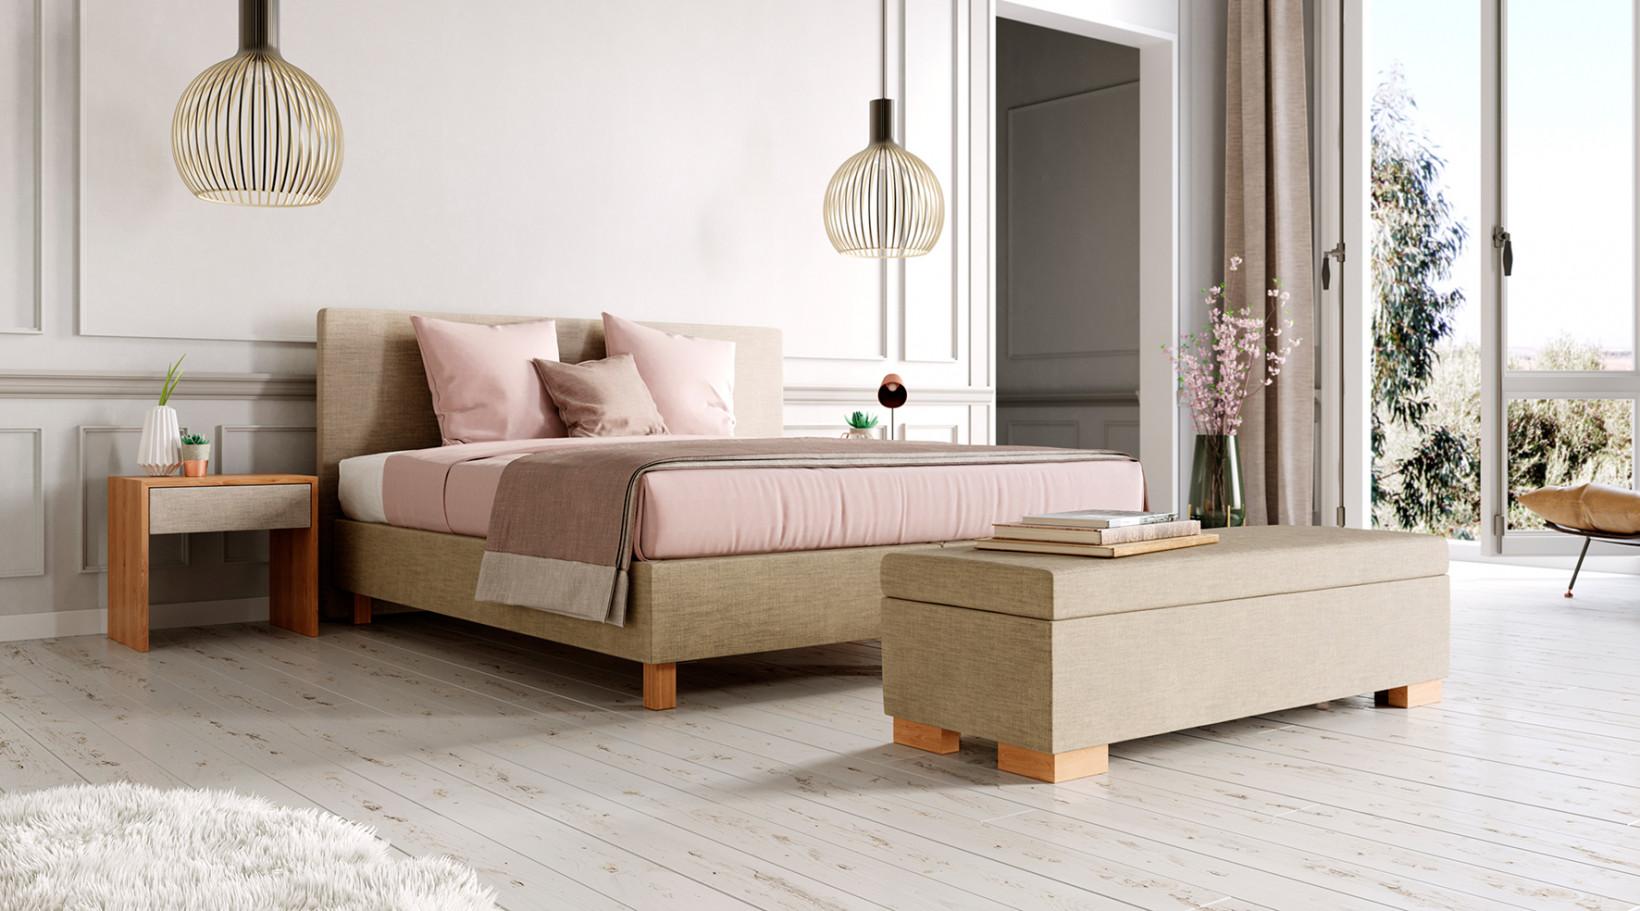 nox bed beeld 2.jpg